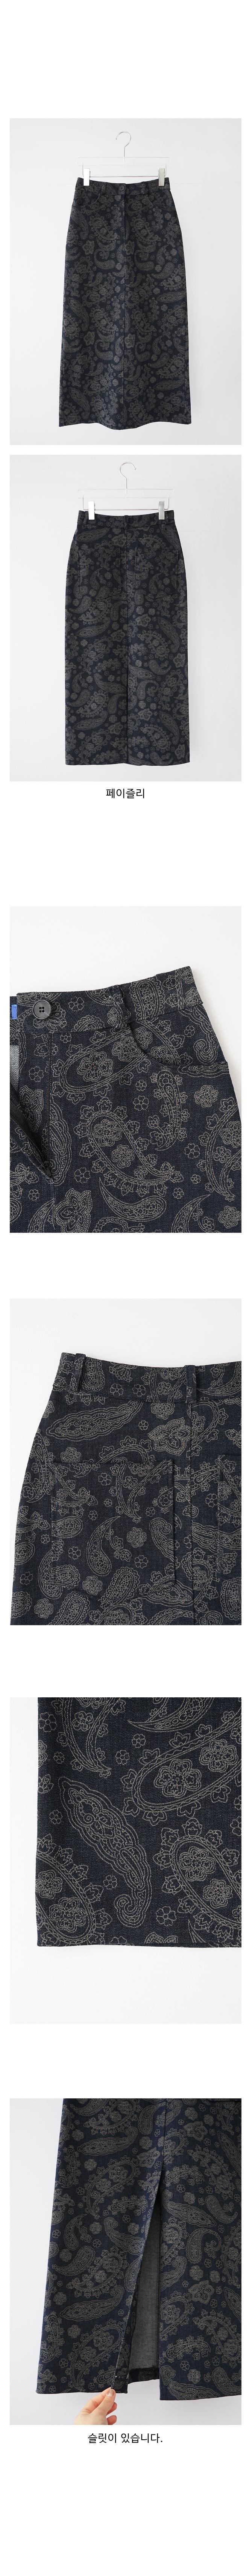 deep mood paisley skirt